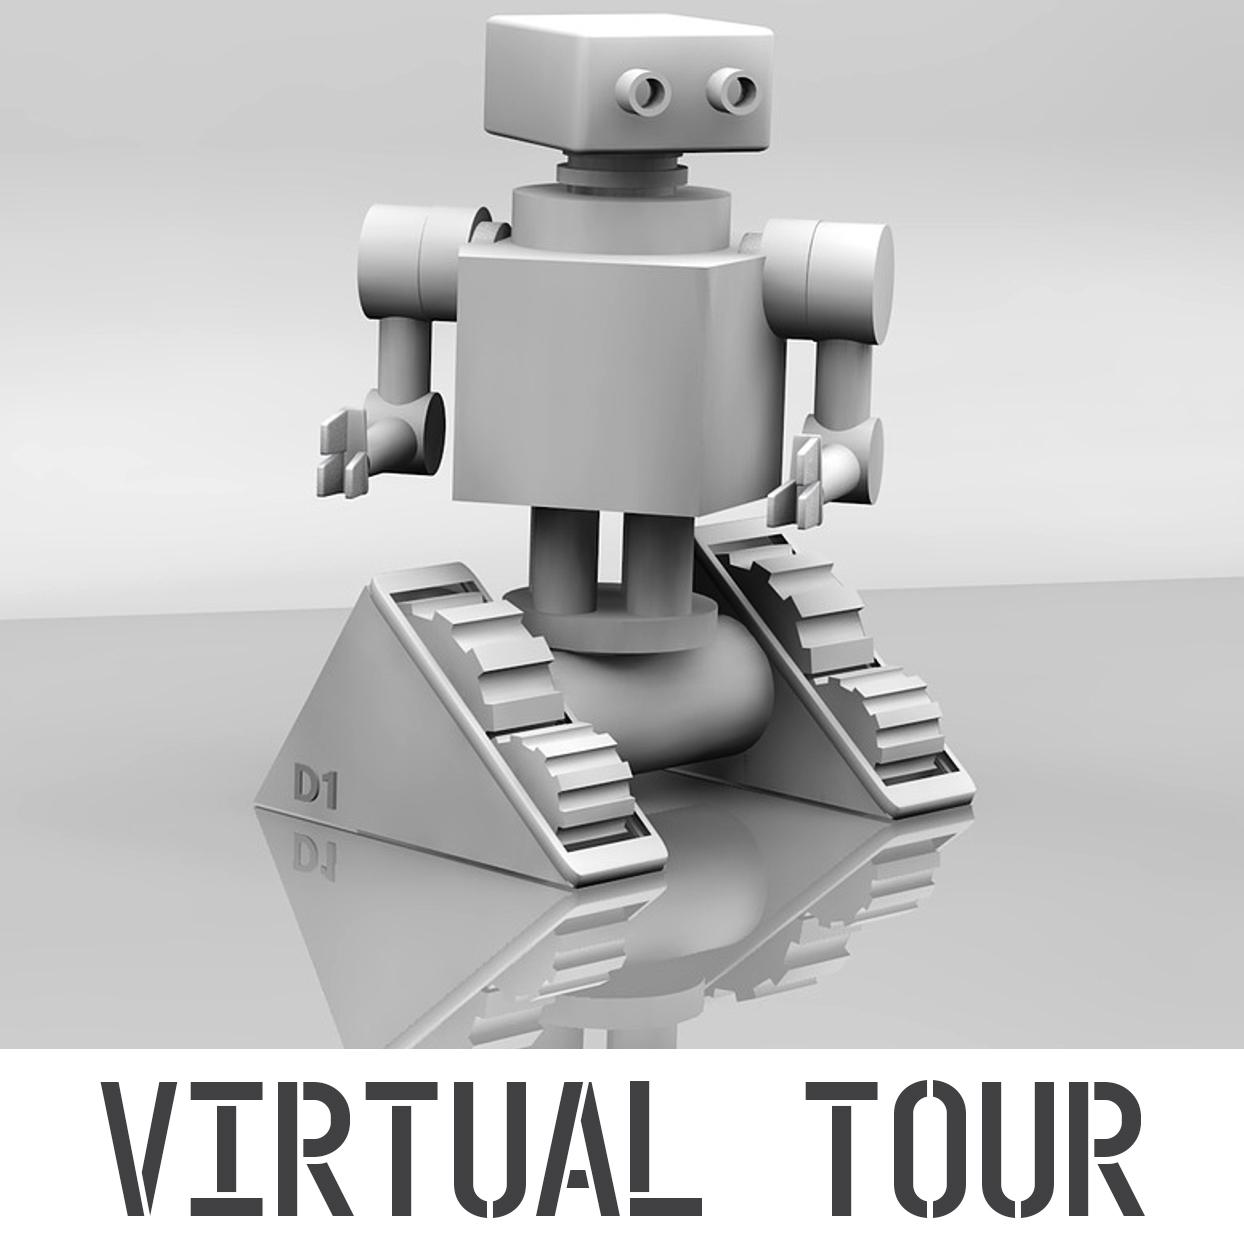 VIRTUAL TOUR R.jpg